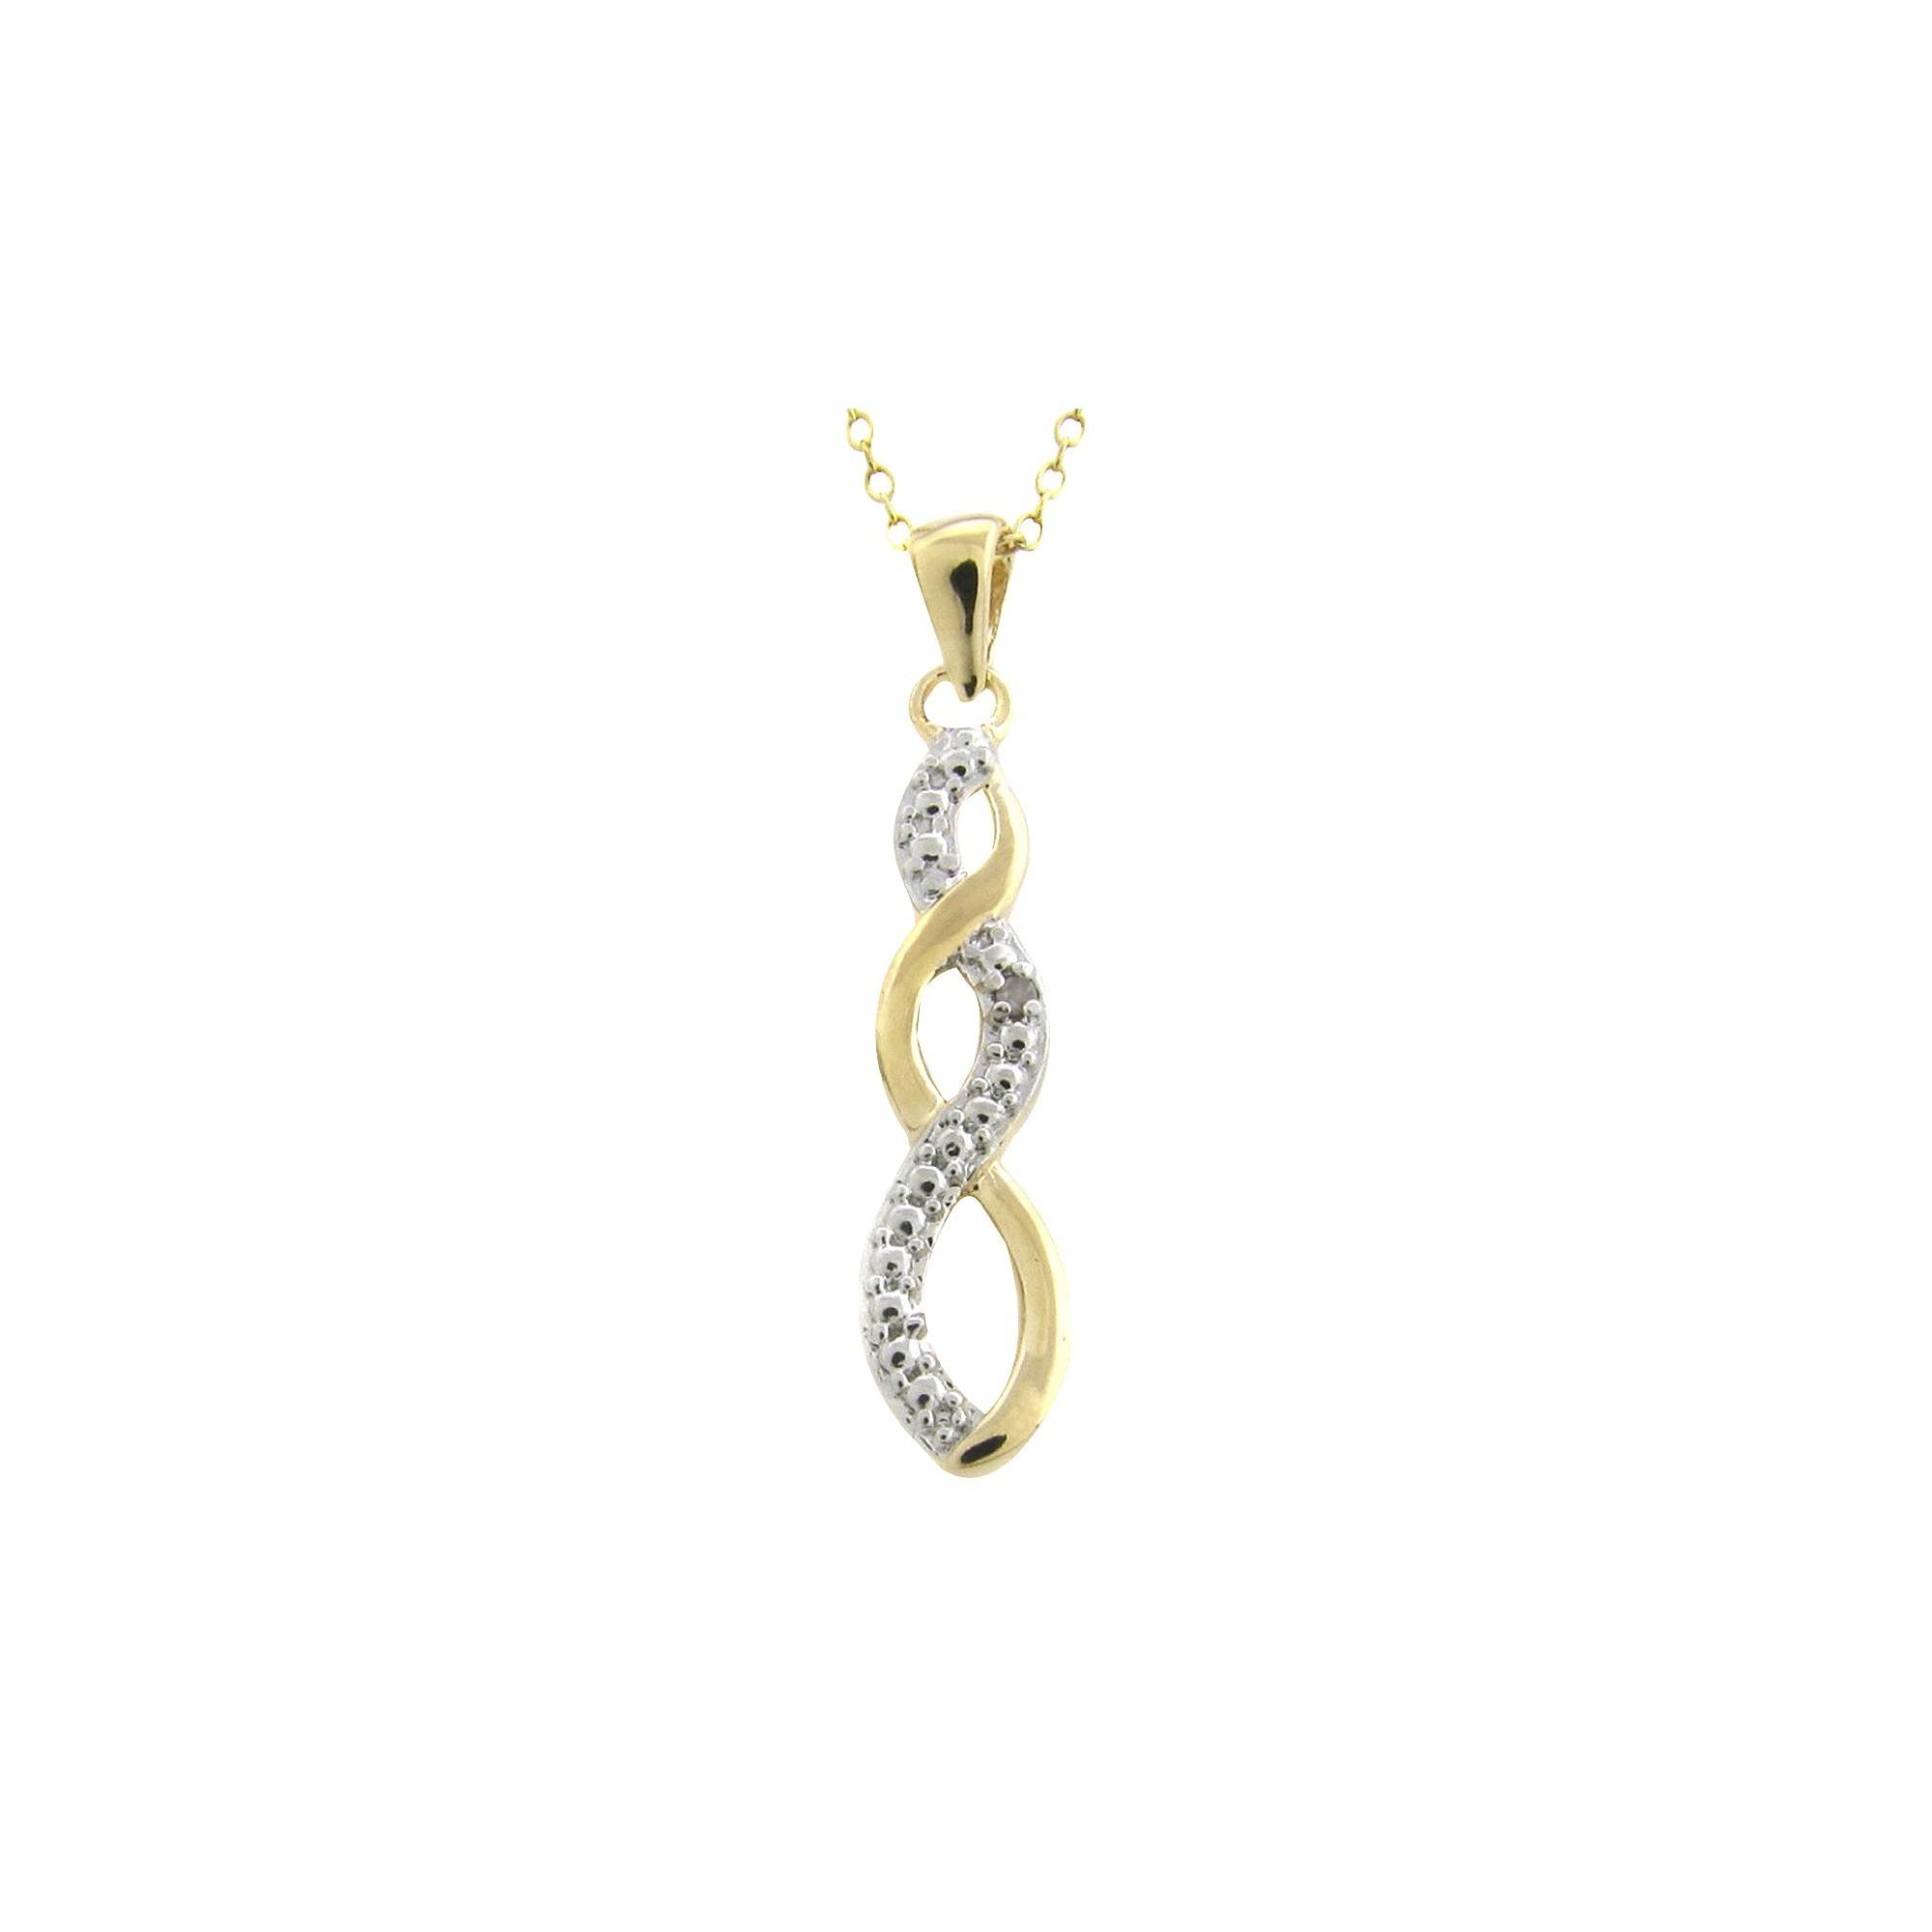 Diamond Accent Infinity Pendant, Women's